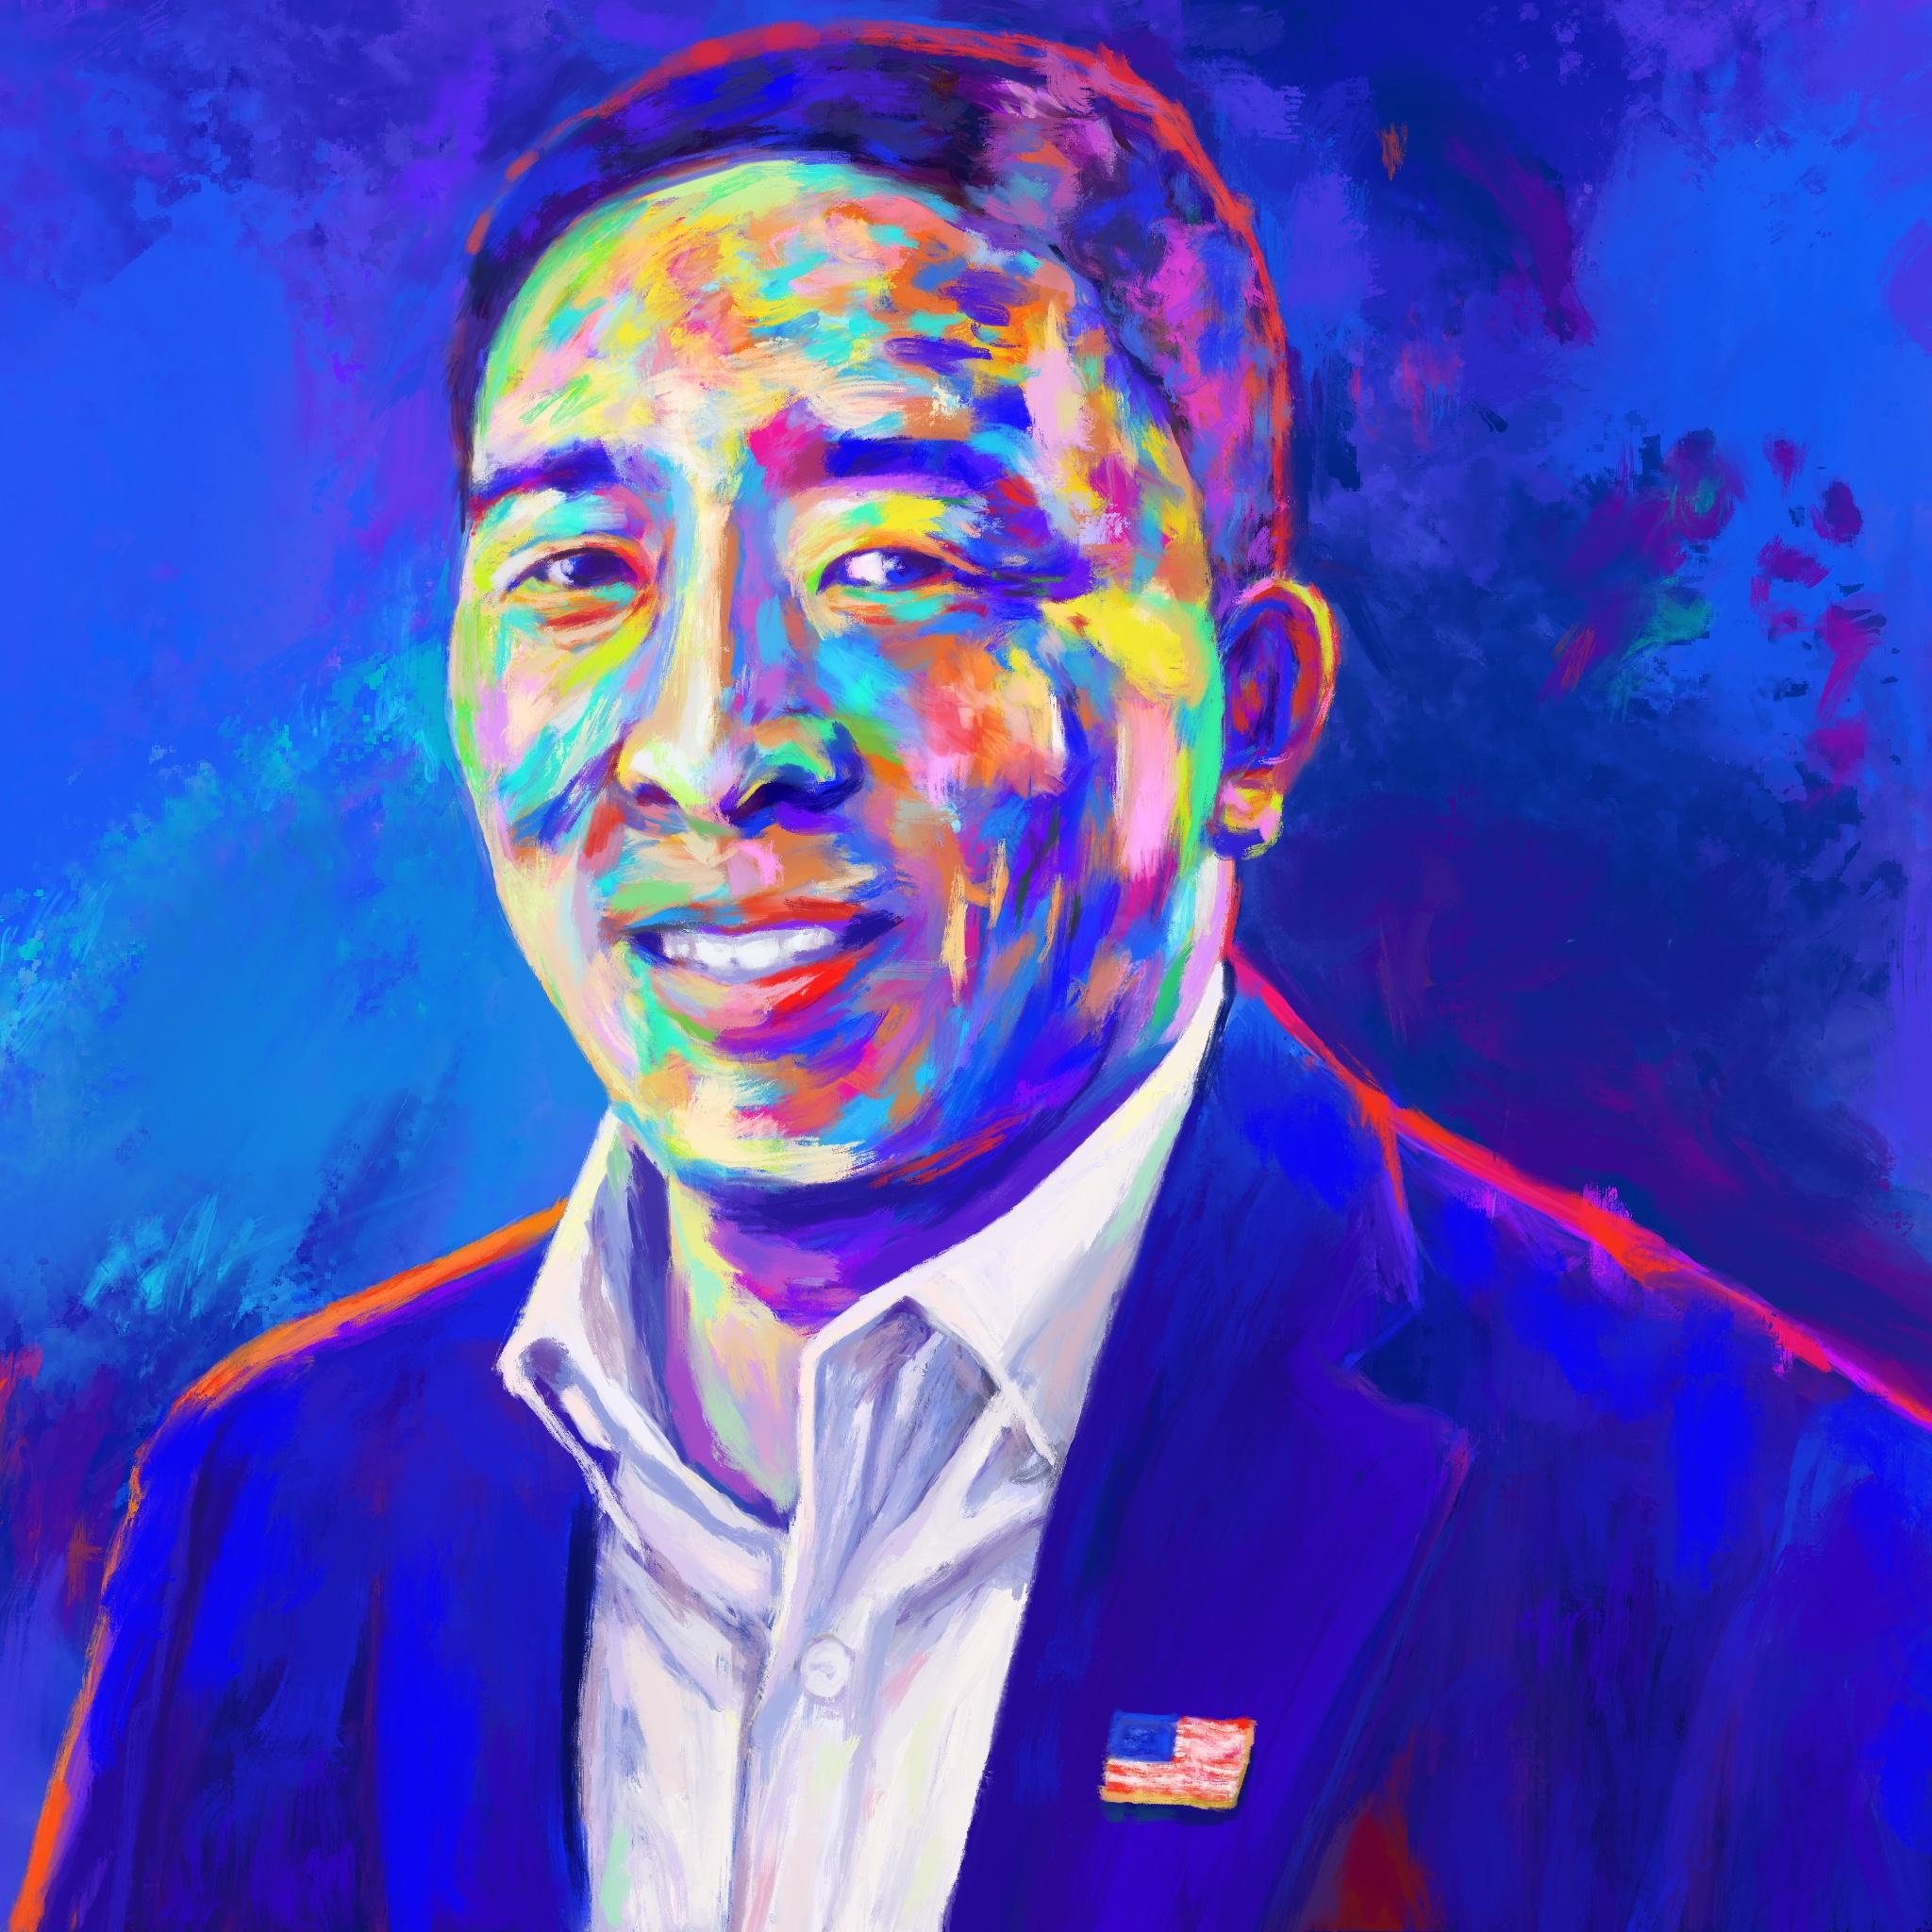 Andrew Yang Policy Portrait (base painting) #Yang2020 #ArtistsForYang